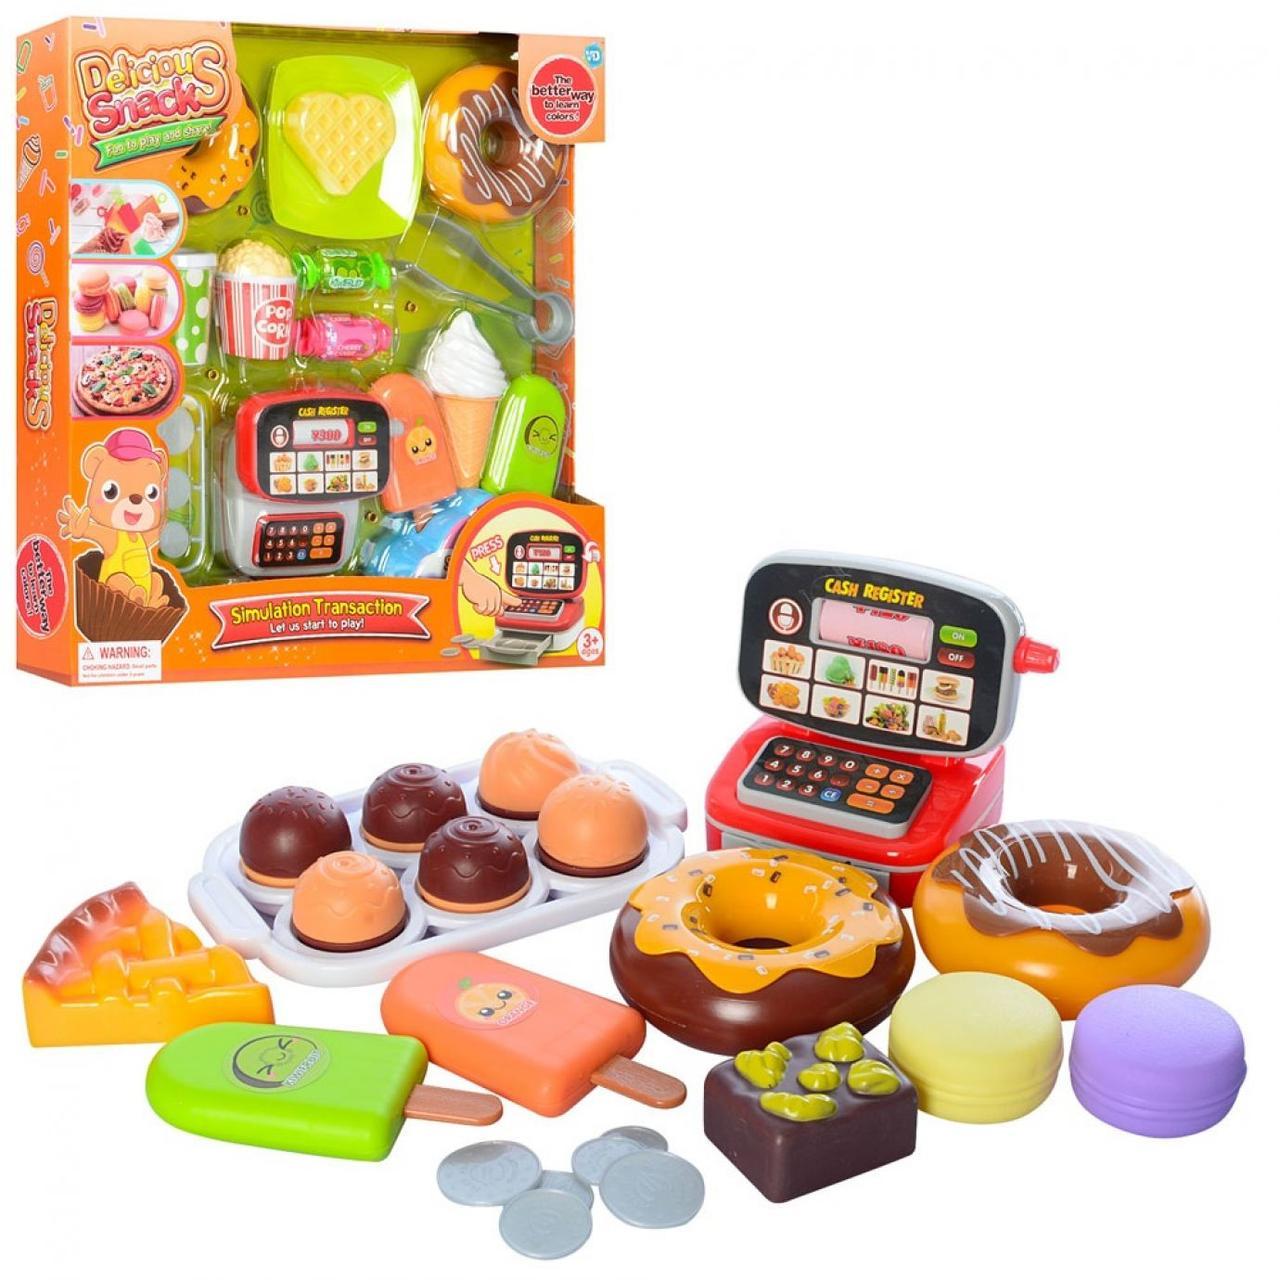 Продукти,солодощі,касовий апарат,монети,в кор-ці,34х33,5х5,5см,2 види №WD-S10-14(24)